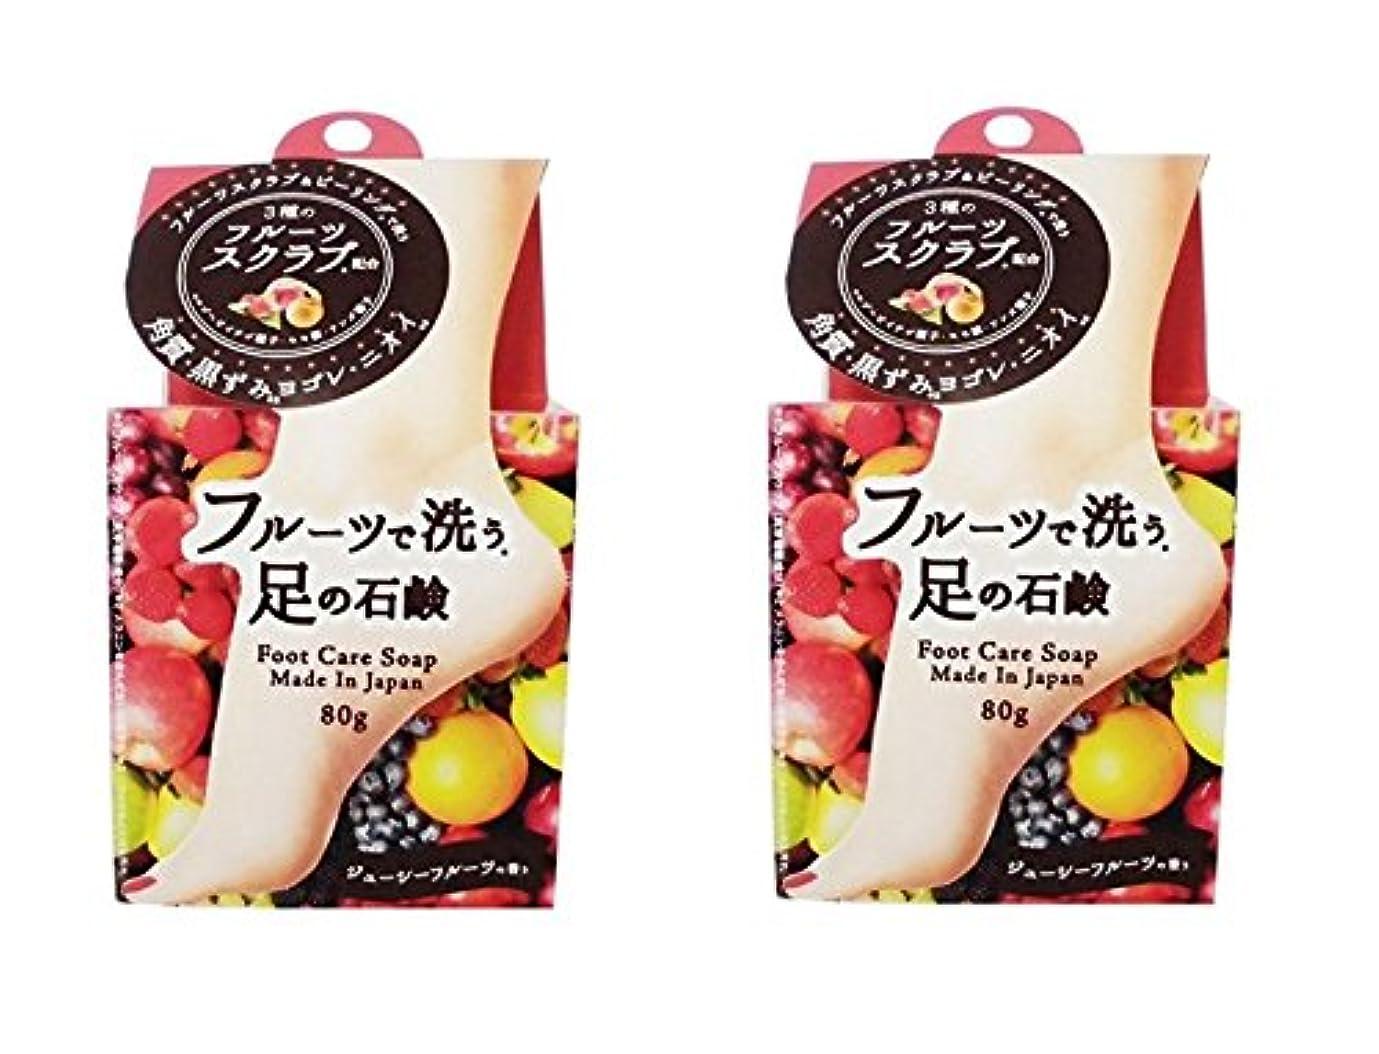 文飢毒フルーツで洗う足の石鹸 80g (2個セット)